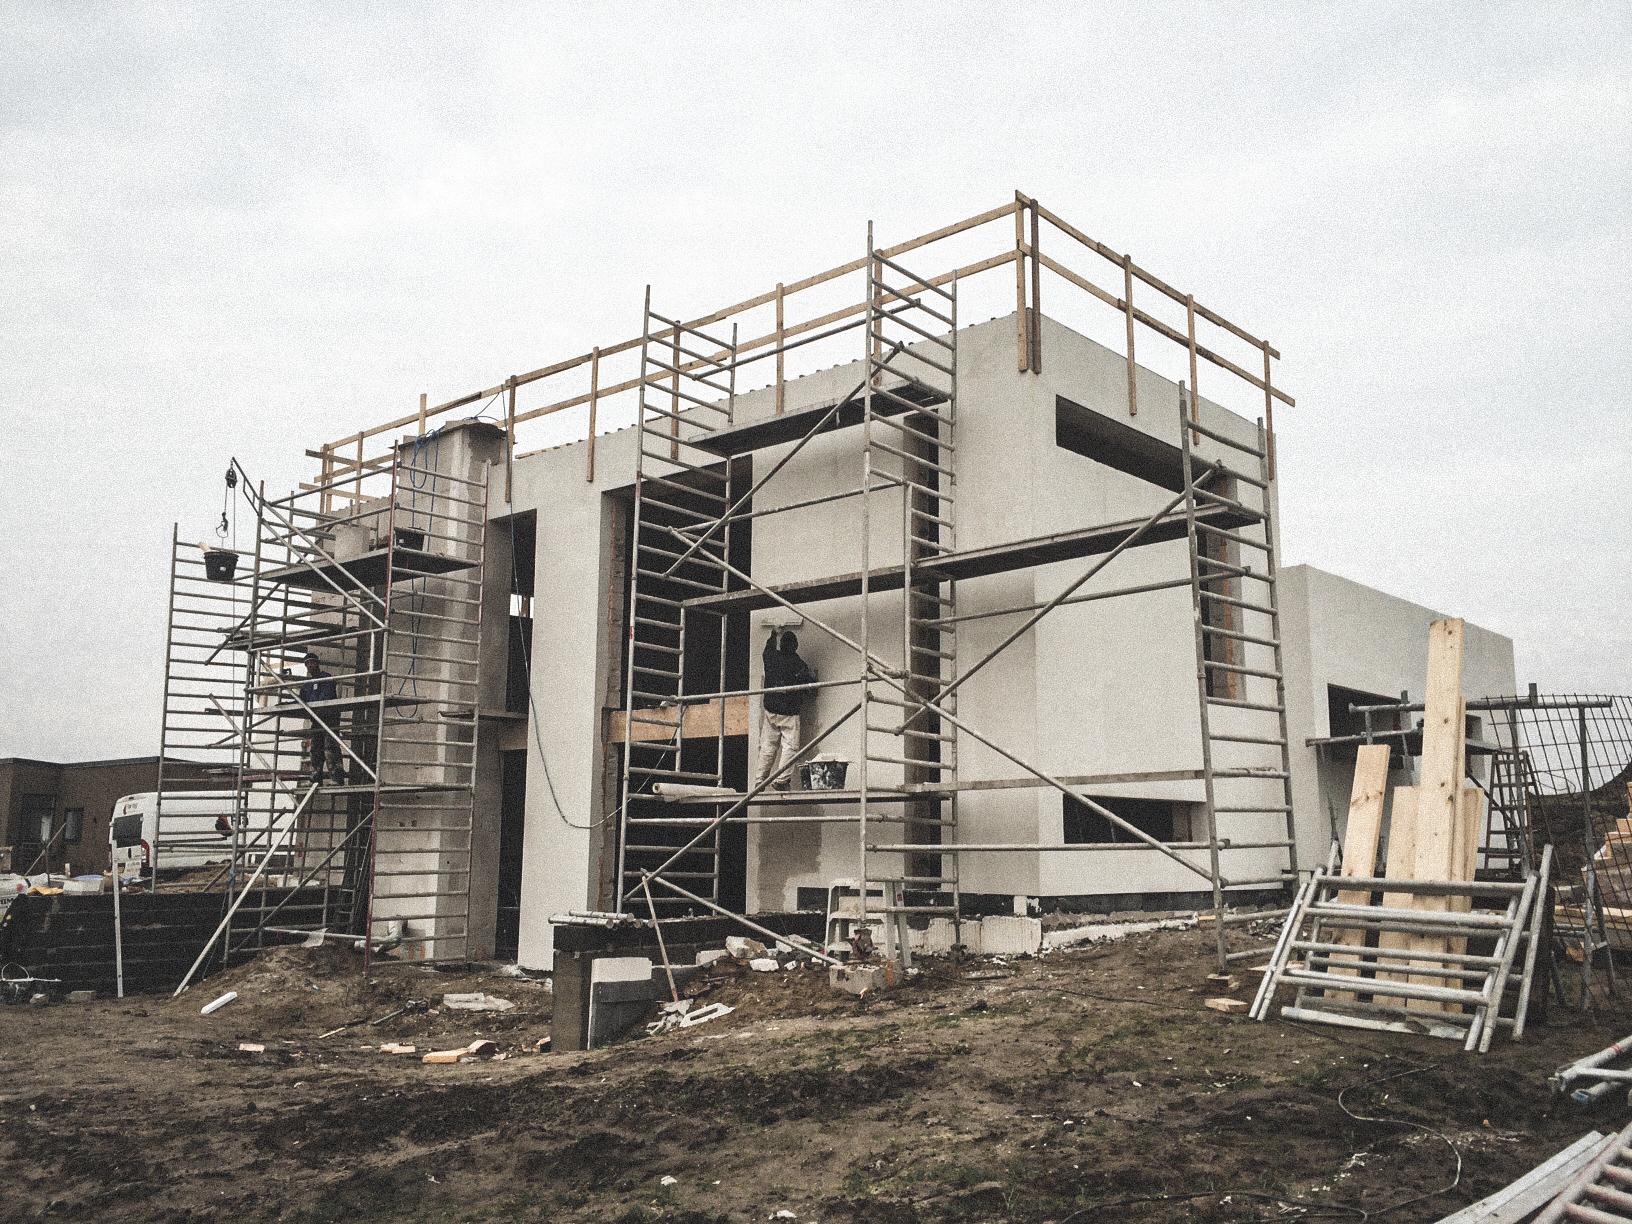 Billede af et igangværende byggeri i Nibe, tegnet af arkitektfirmaet m2plus.